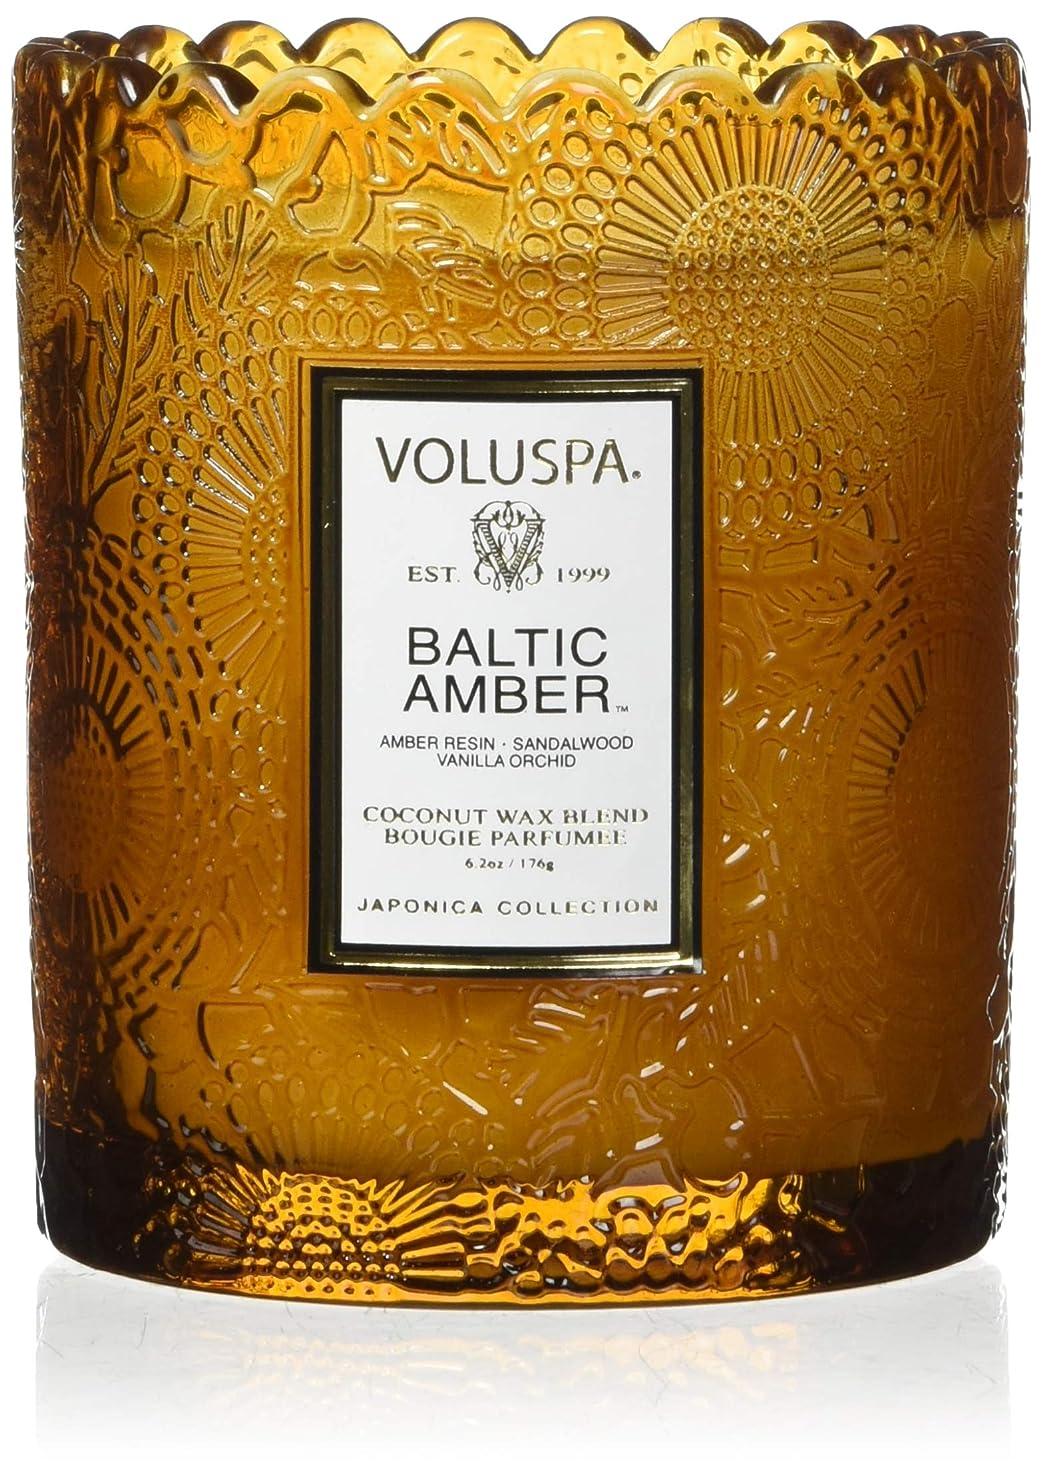 池競争力のある耕すVoluspa ボルスパ ジャポニカ リミテッド スカラップグラスキャンドル  バルティックアンバー BALTIC AMBER JAPONICA Limited SCALLOPED EDGE Glass Candle